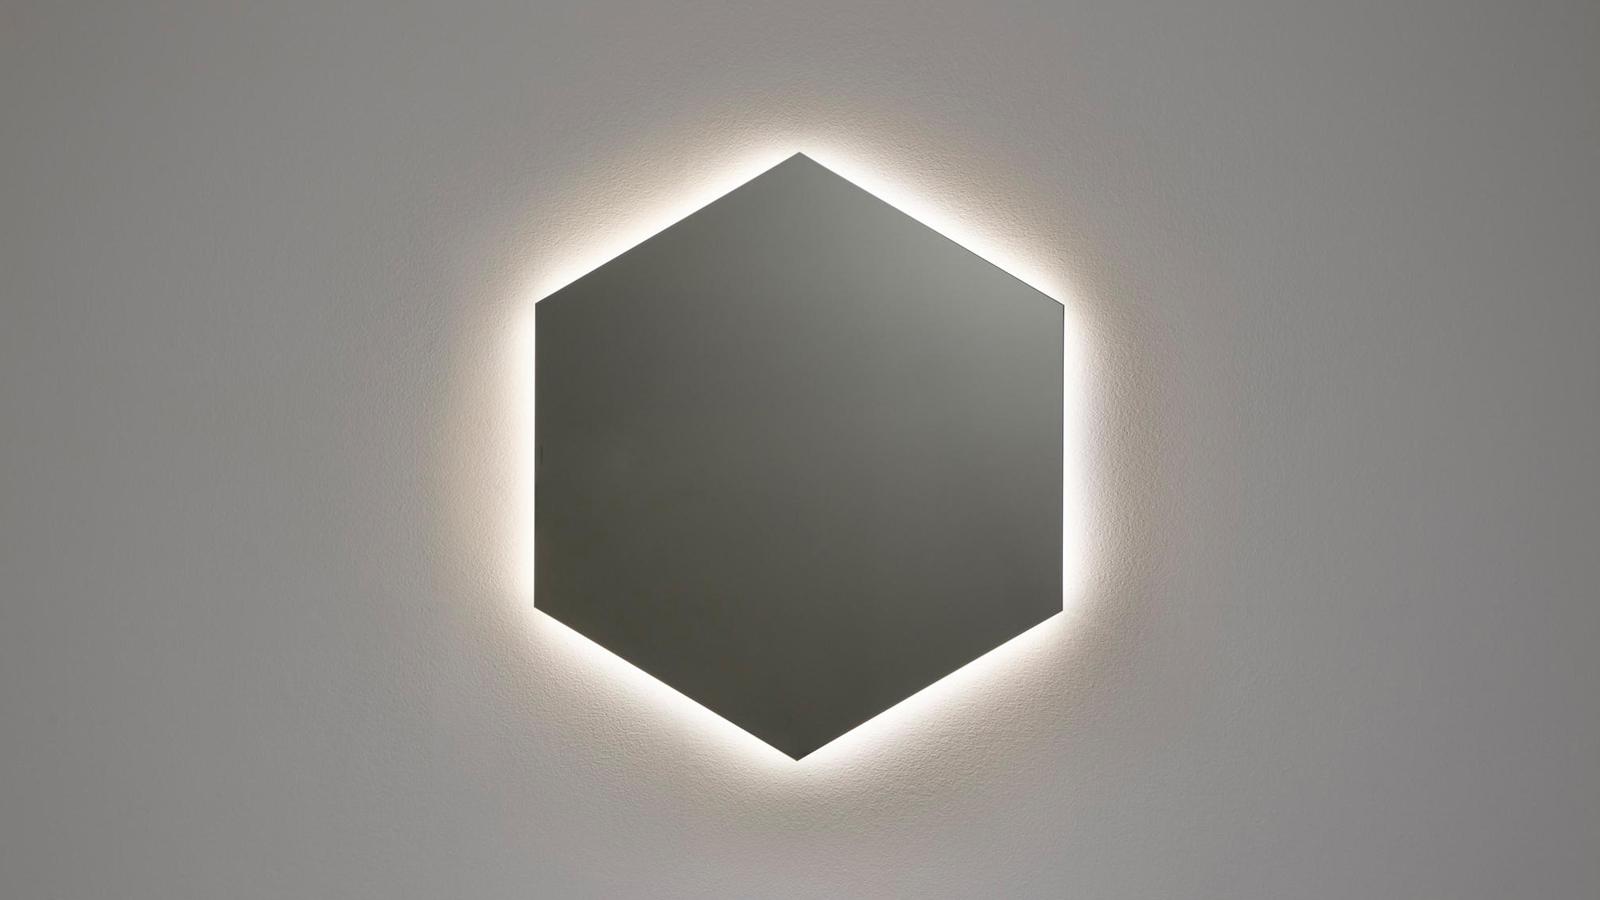 Tökéletes hat- vagy nyolcszög, mely lebegni látszik a falon: a Modulo6 és Modulo8 egyaránt a fürdőszoba karakteres kiegészítője lehet. A tükröknek egyébként mindkét változata és minden méretvariációja kapható beépített világítással is, így az antoniolupi terméke még különlegesebb hatást kelthet a helyiségben.